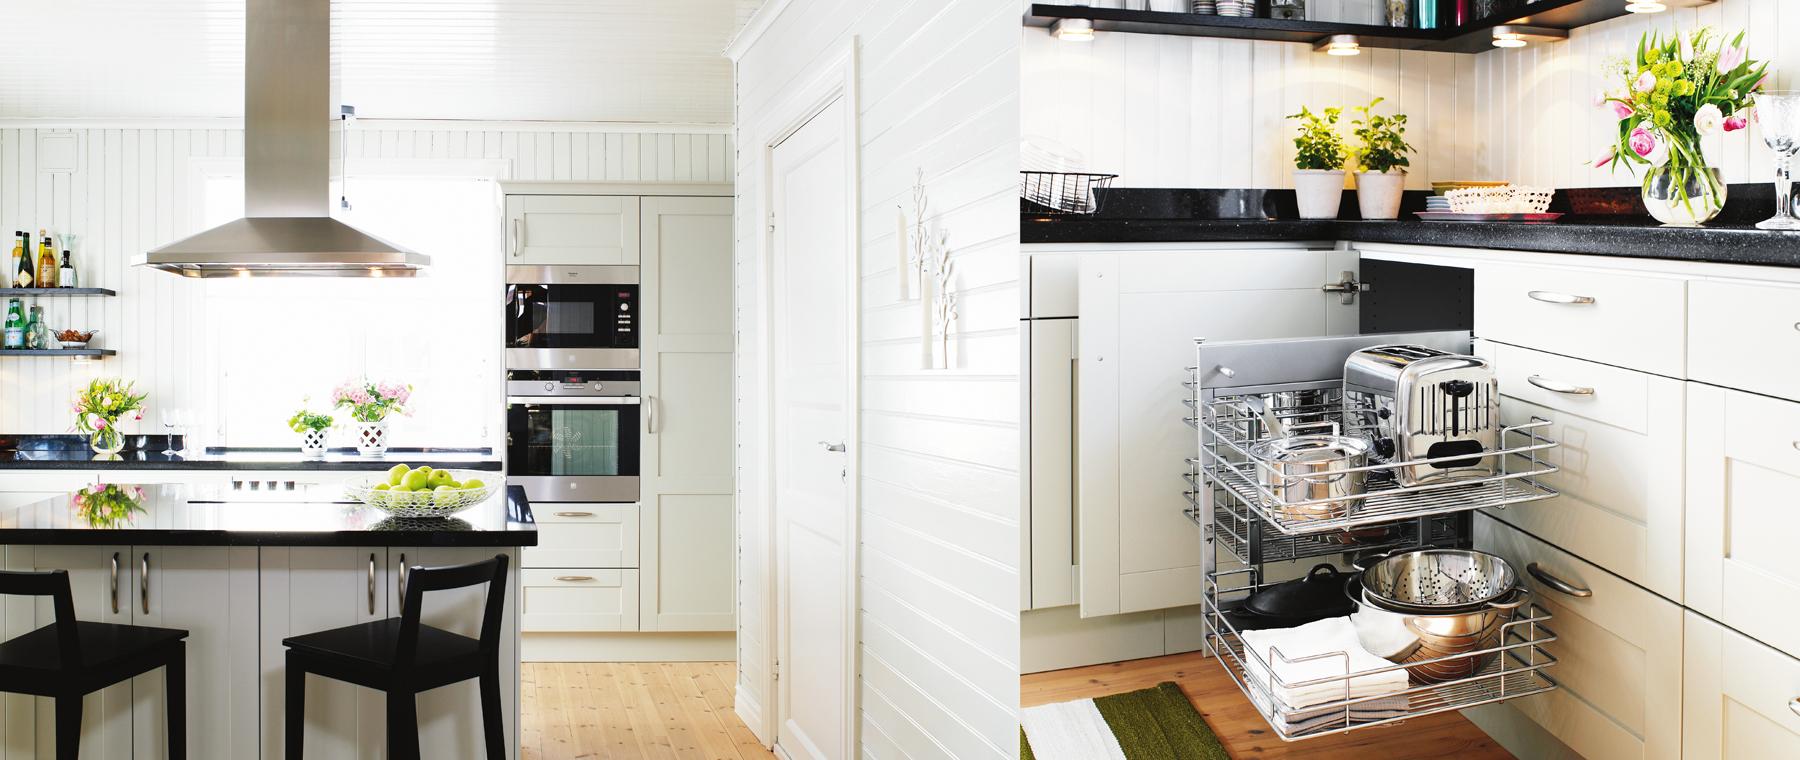 Karin kökslucka målad   nytt kök badrum och tvättstuga   vedum kök ...